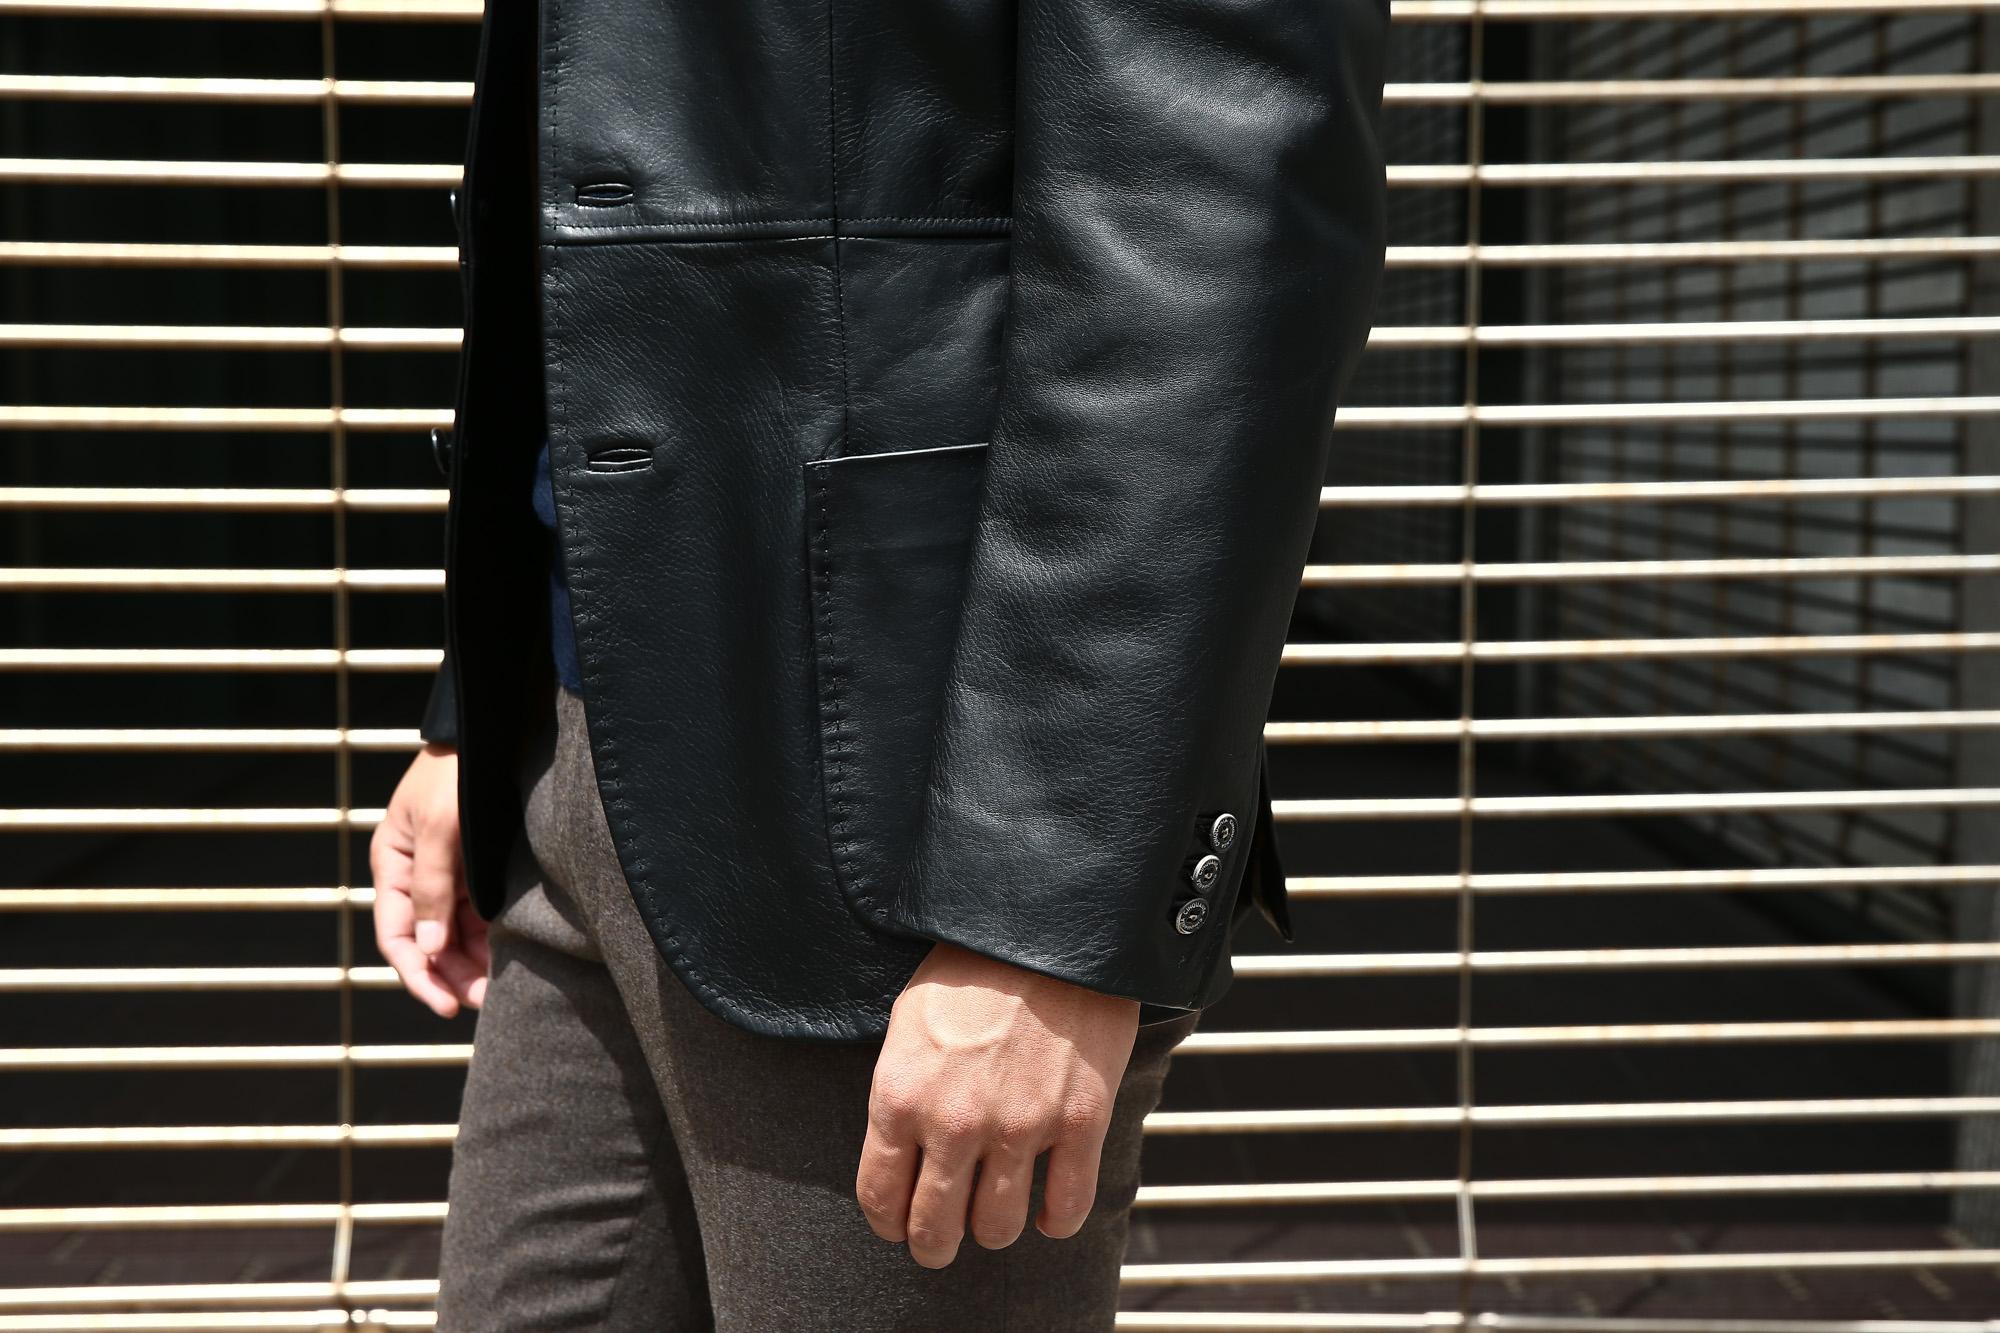 CINQUANTA (チンクアンタ) H613 SINGLE TAILORED JACKET CAVALLO (シングル テーラード ジャケット) ホースレザー ジャケット BLACK (ブラック・999) Made in italy (イタリア製) 2018 秋冬 【ご予約受付中】 cinquanta チンクアンタ レザージャケット ジャケット 愛知 名古屋 ZODIAC ゾディアック